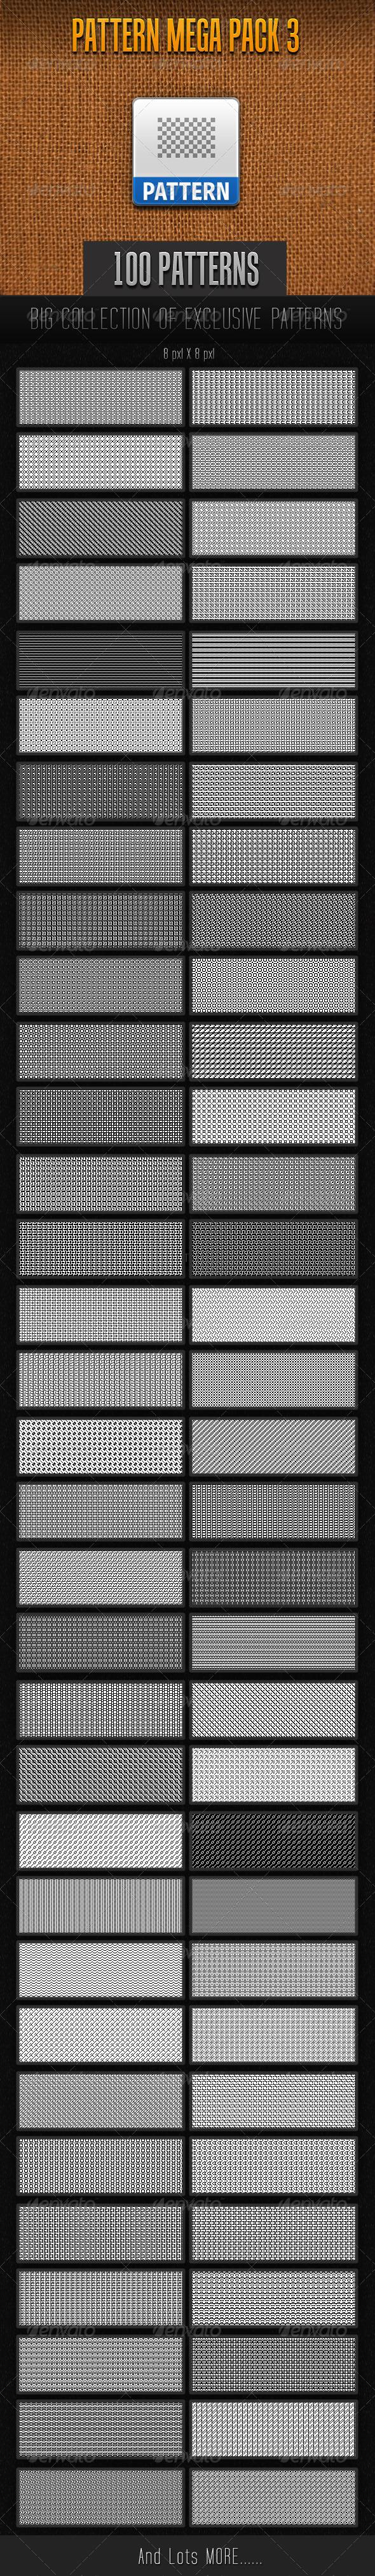 GraphicRiver 100 Mini Pattern Collection 3 7531157